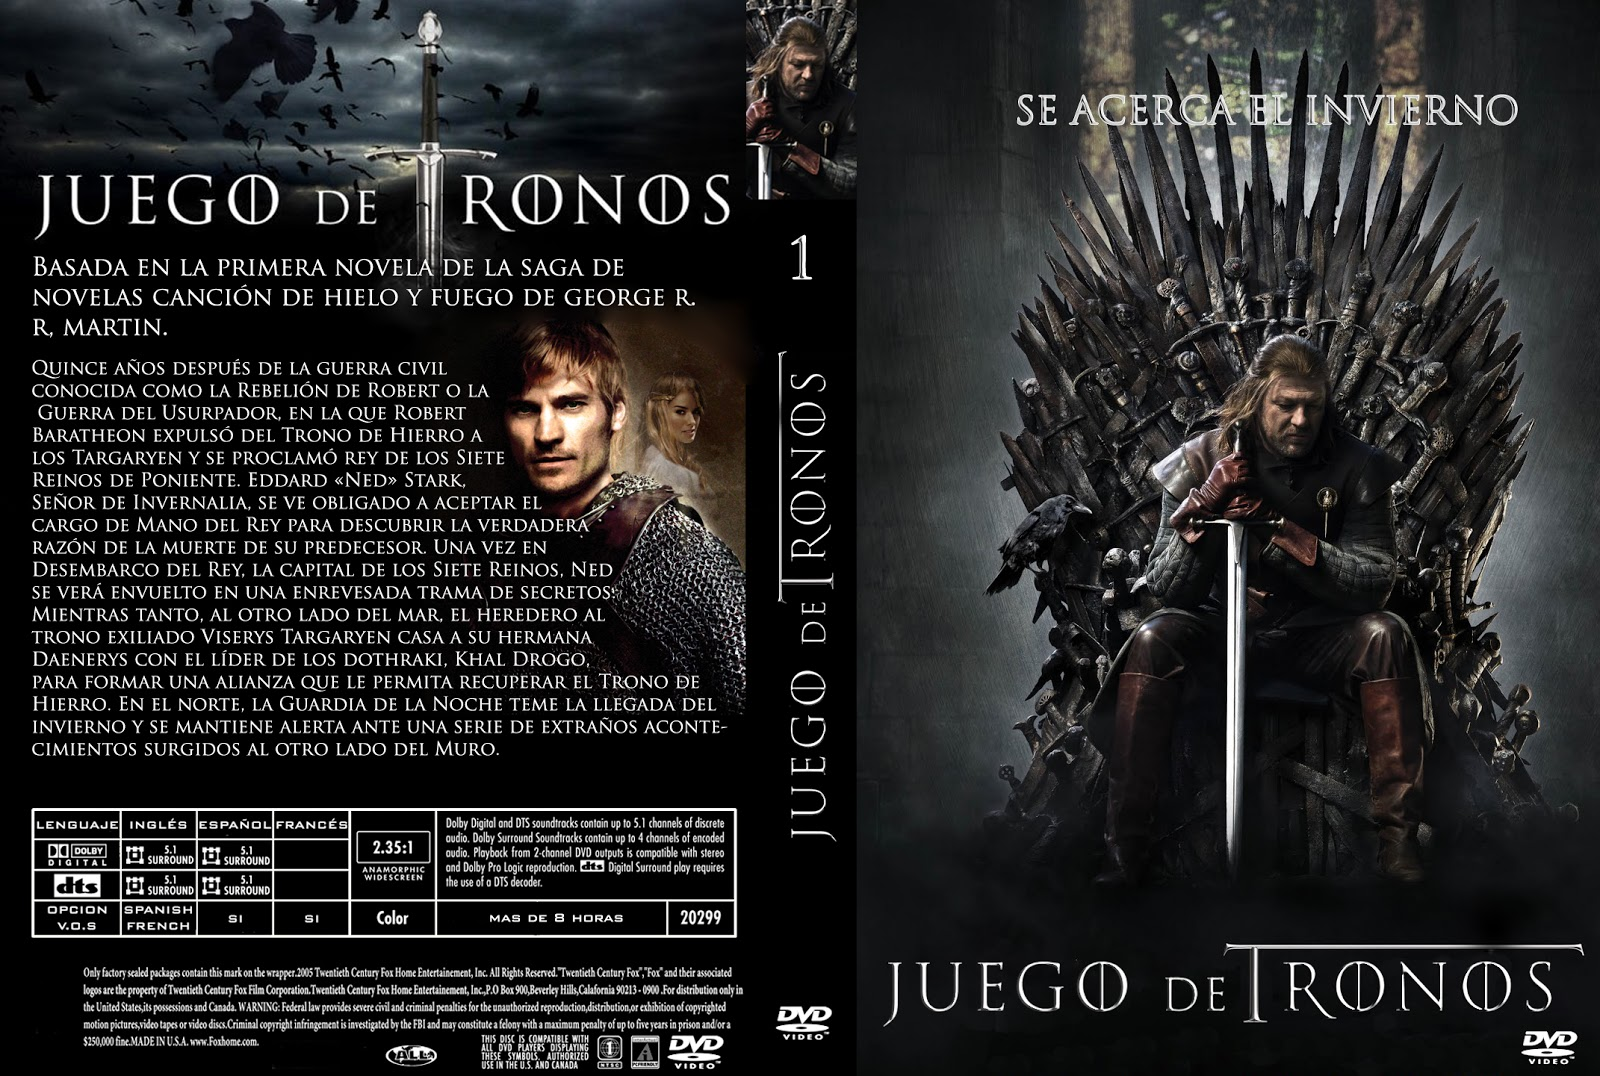 DESCARGAR TEMPORADA 1 JUEGO DE TRONOS | The World is FreeWare